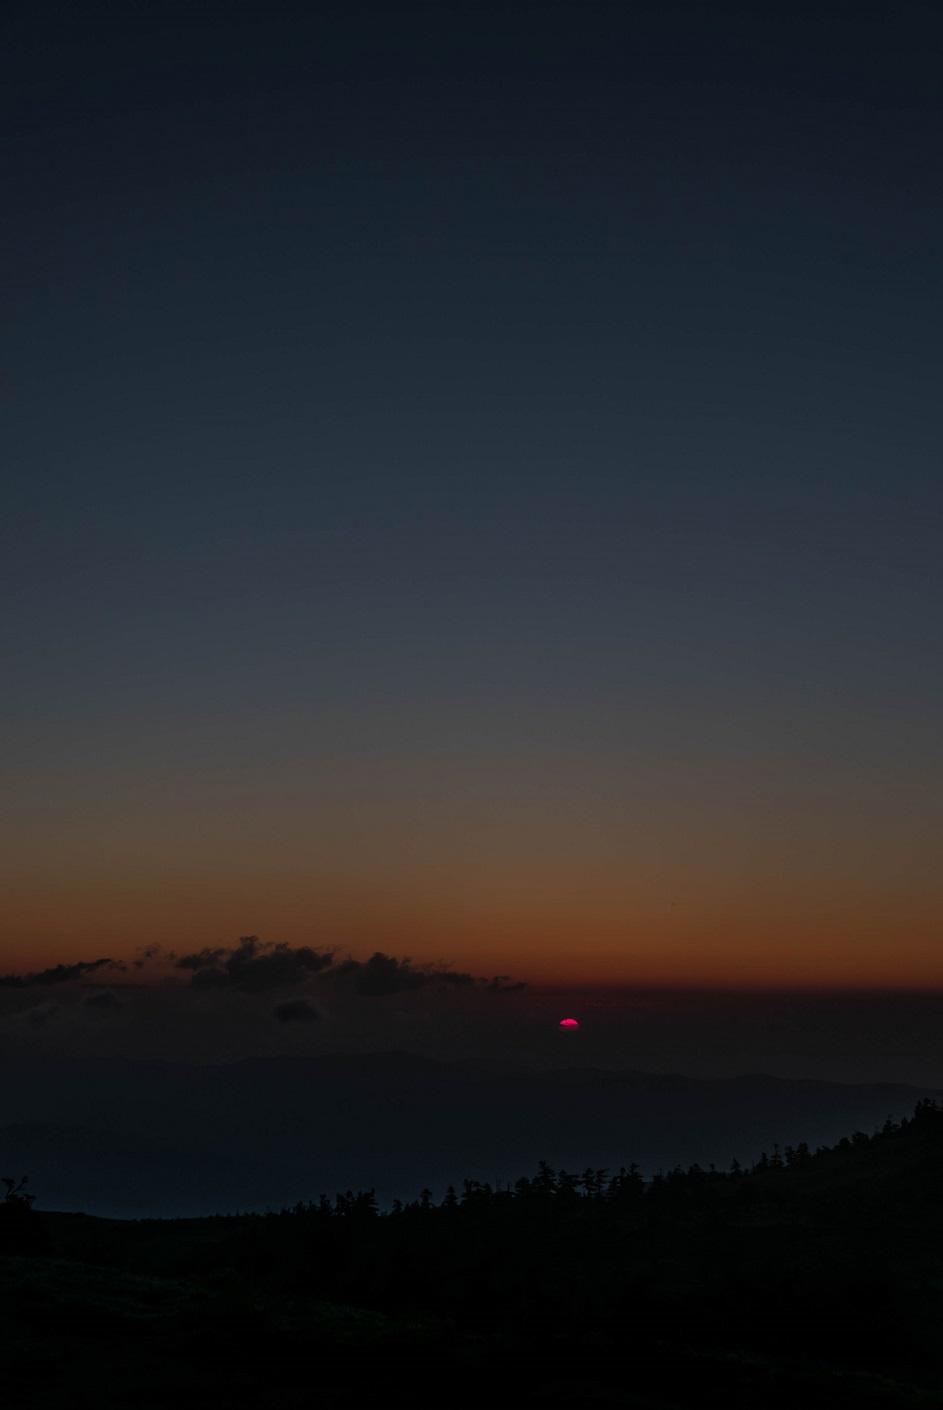 2016.08.31白山の夕暮れ4.1826